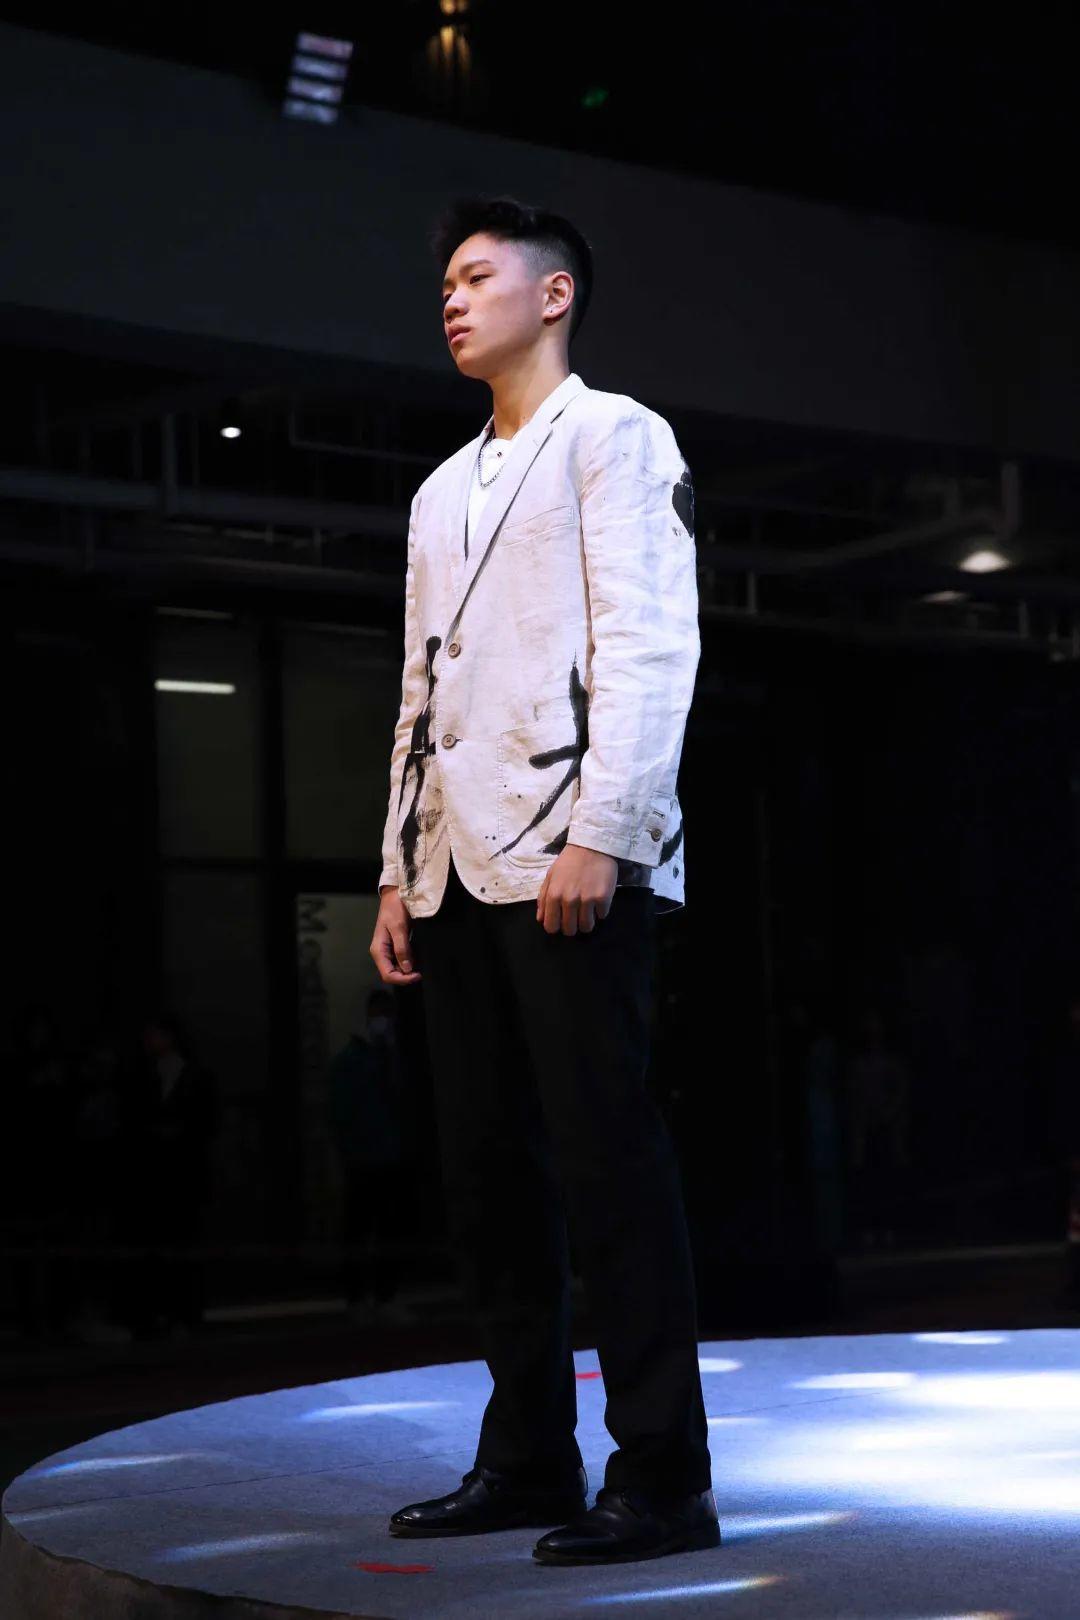 深国交2021 Fashion Show - 校园活动 疫情之下的时尚  深国交 深圳国际交流学院 第10张